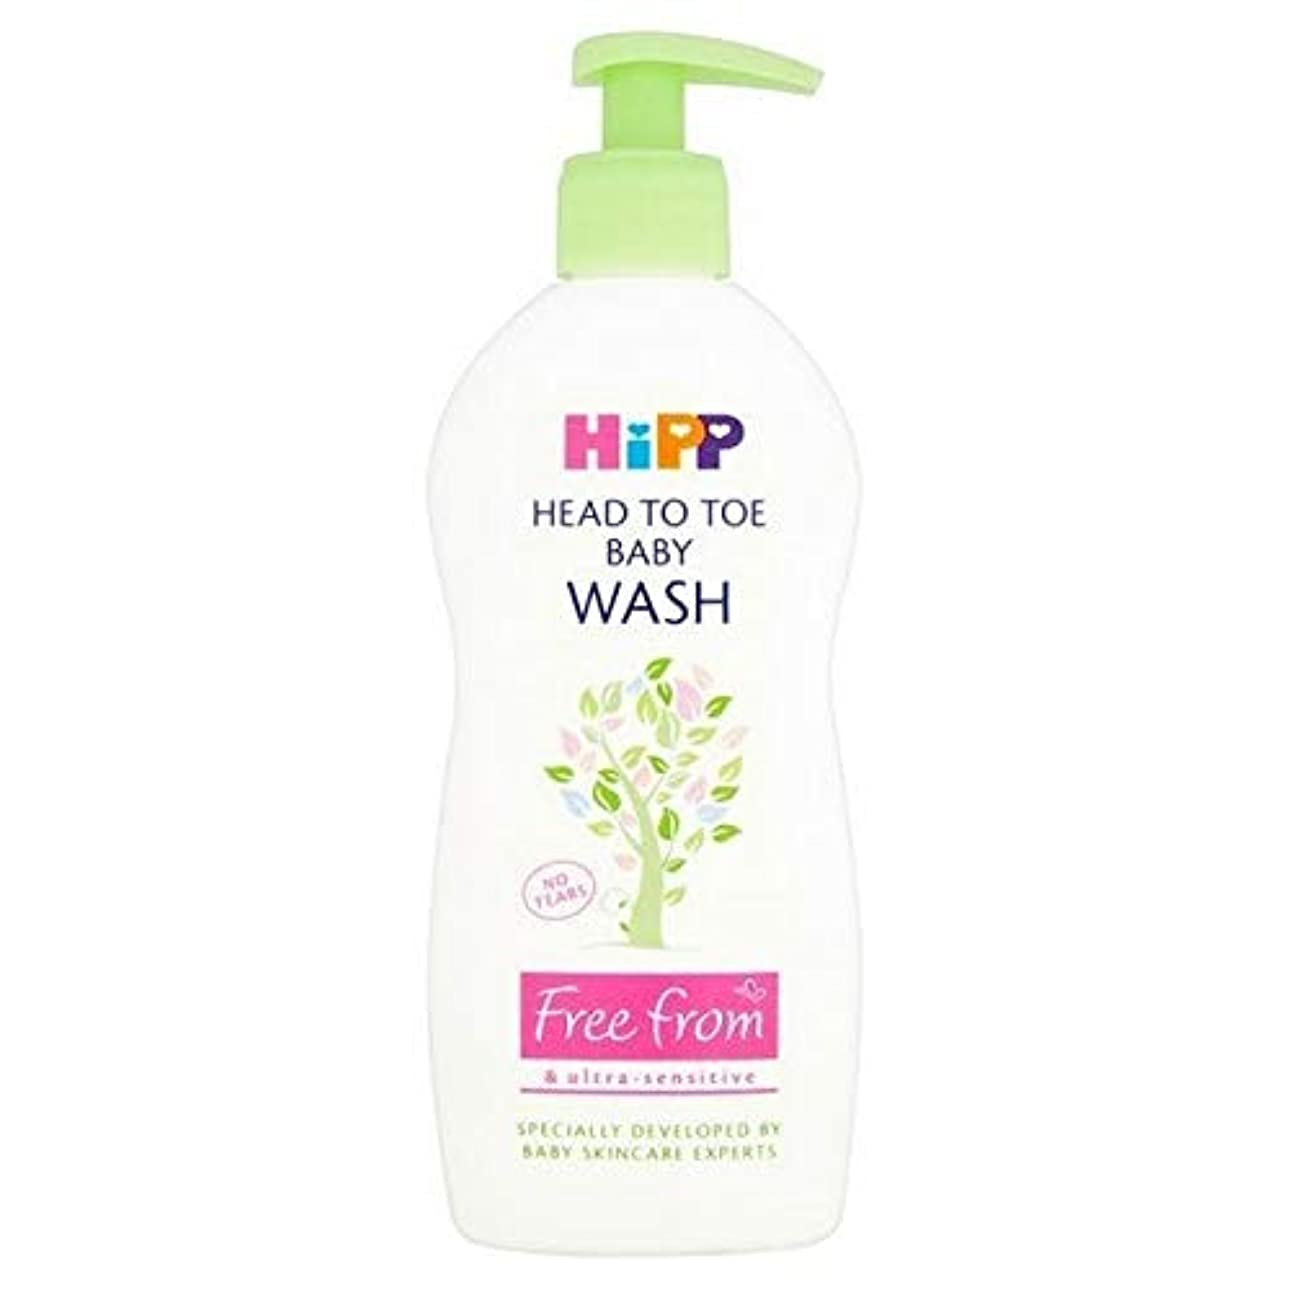 ロイヤリティプラグ冒険者[Hipp ] 頭からつま先洗浄400ミリリットルにヒップ無料 - HiPP Free From Head to Toe Wash 400ml [並行輸入品]